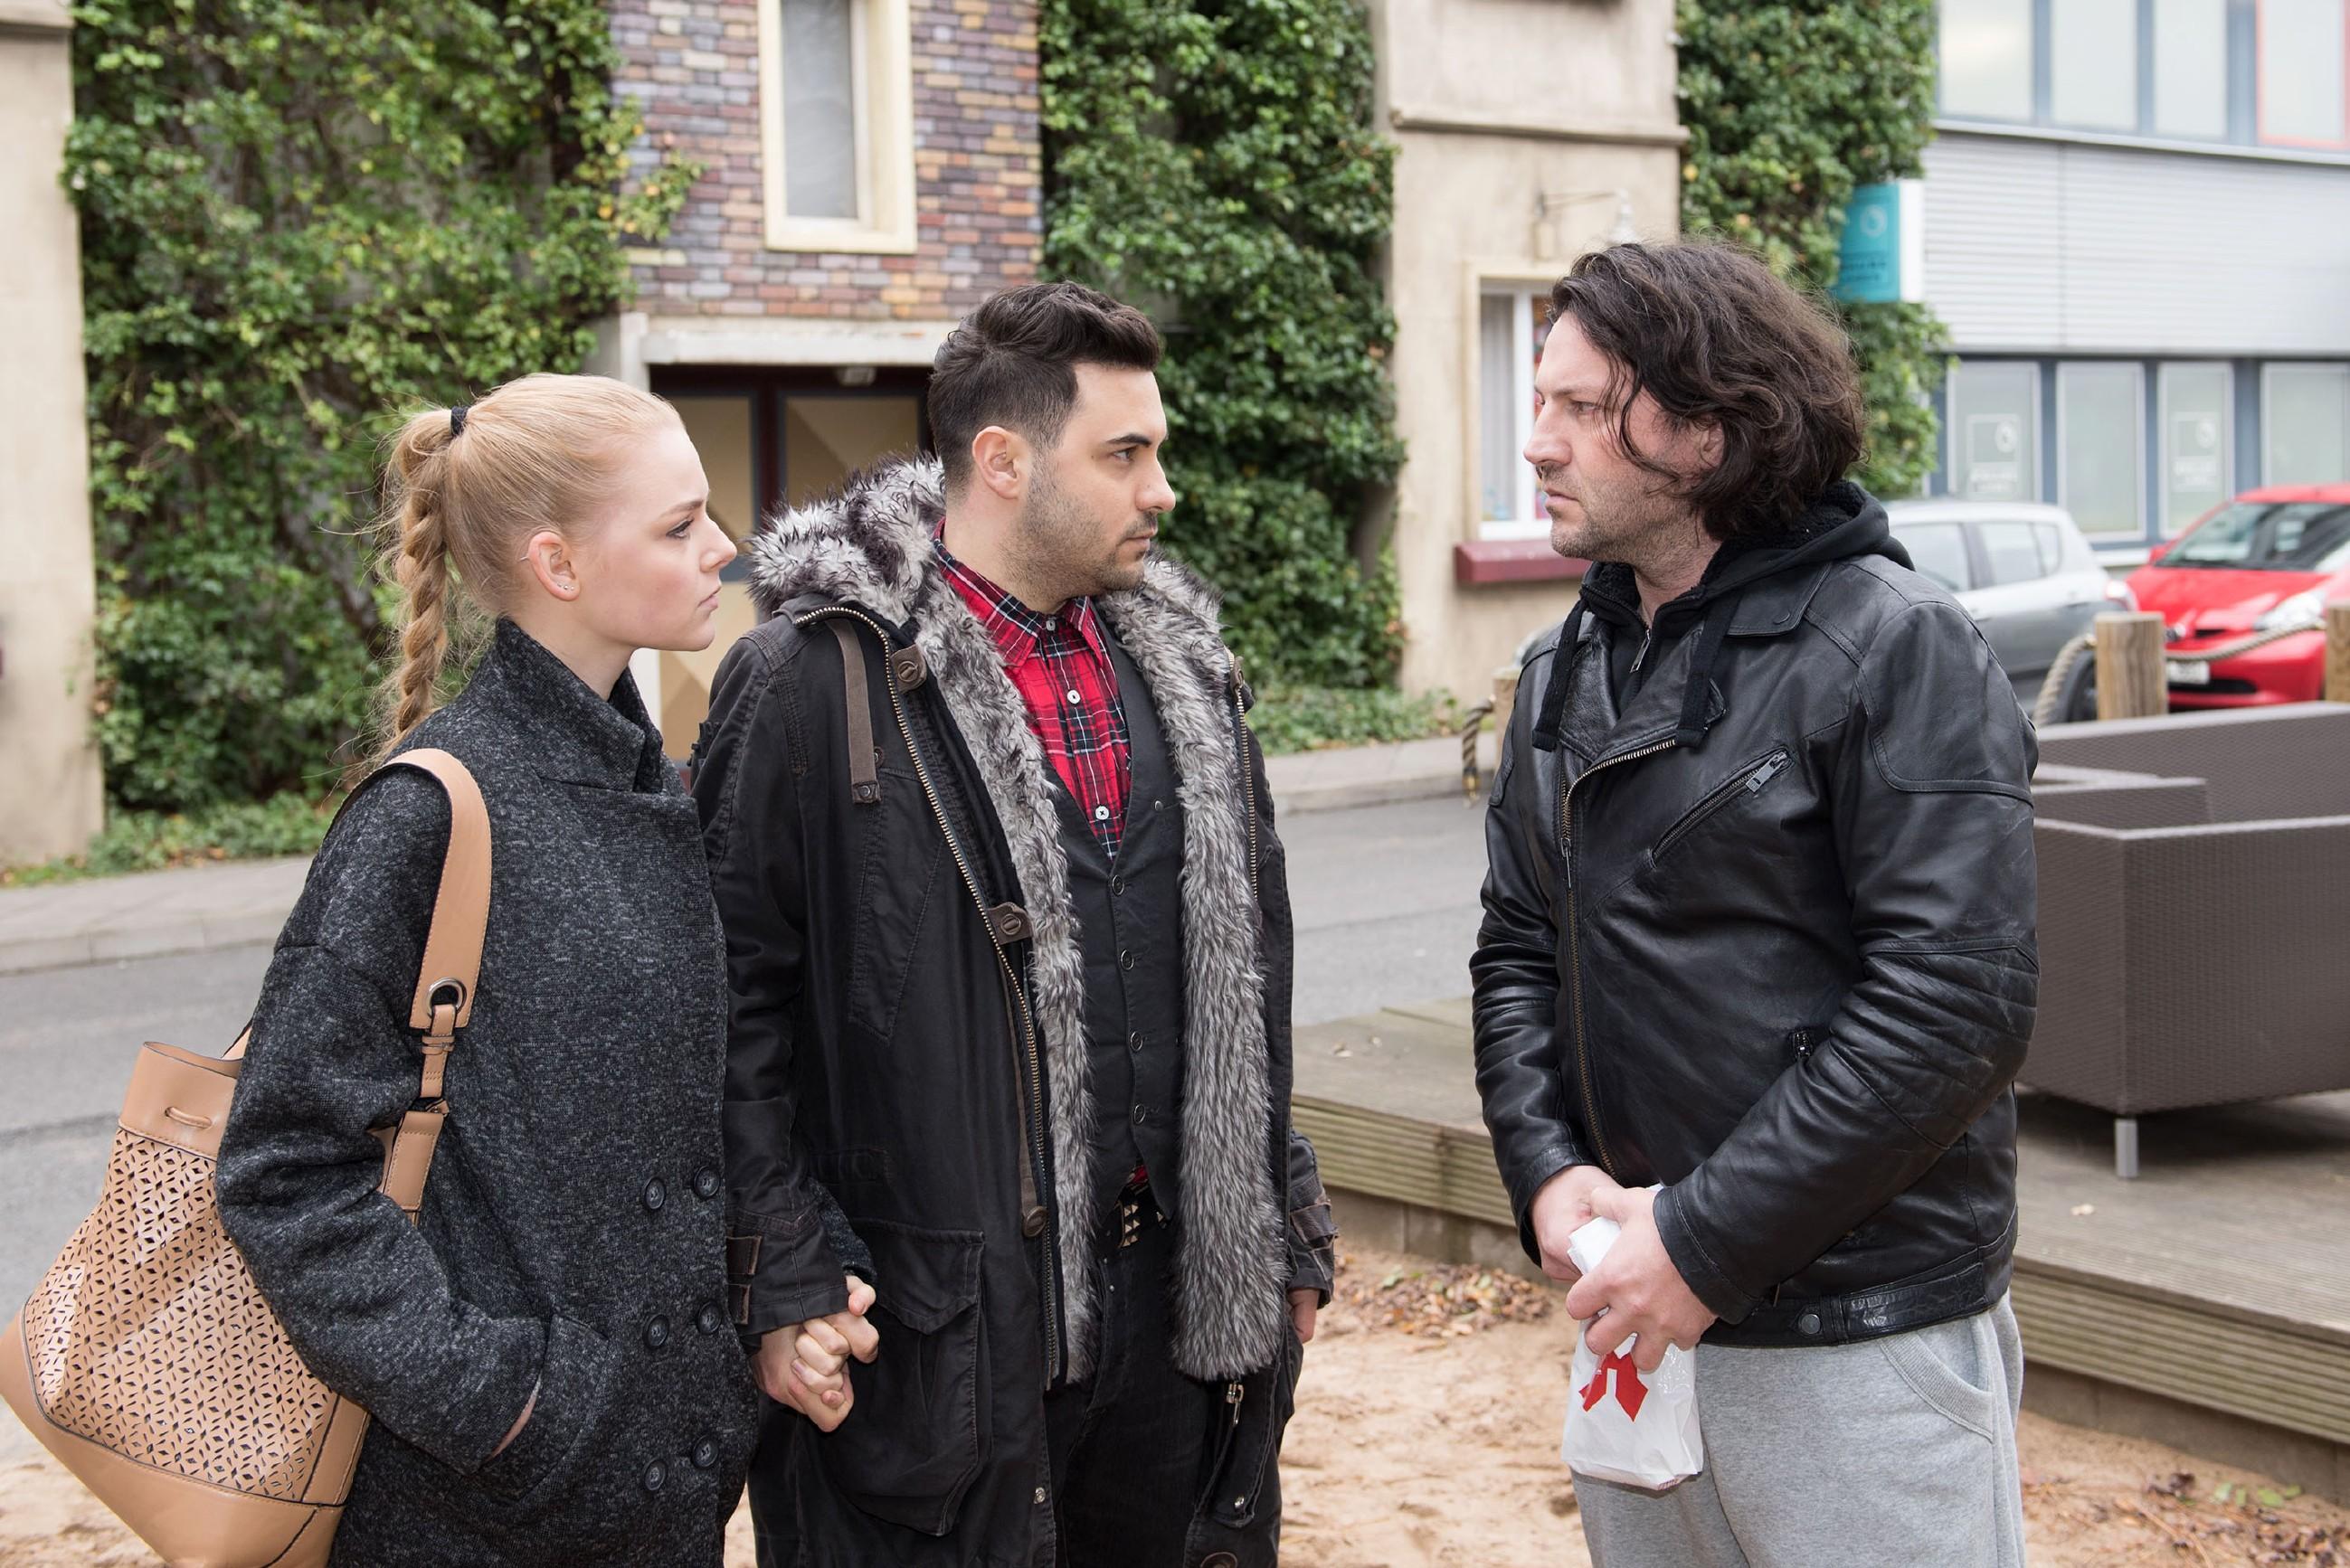 Rolf (Stefan Franz, r.) weigert sich zu Fionas (Olivia Burkhart) und Easys (Lars Steinhöfel) unangenehmer Überraschung vehement, auszuziehen. (RTL / Stefan Behrens)